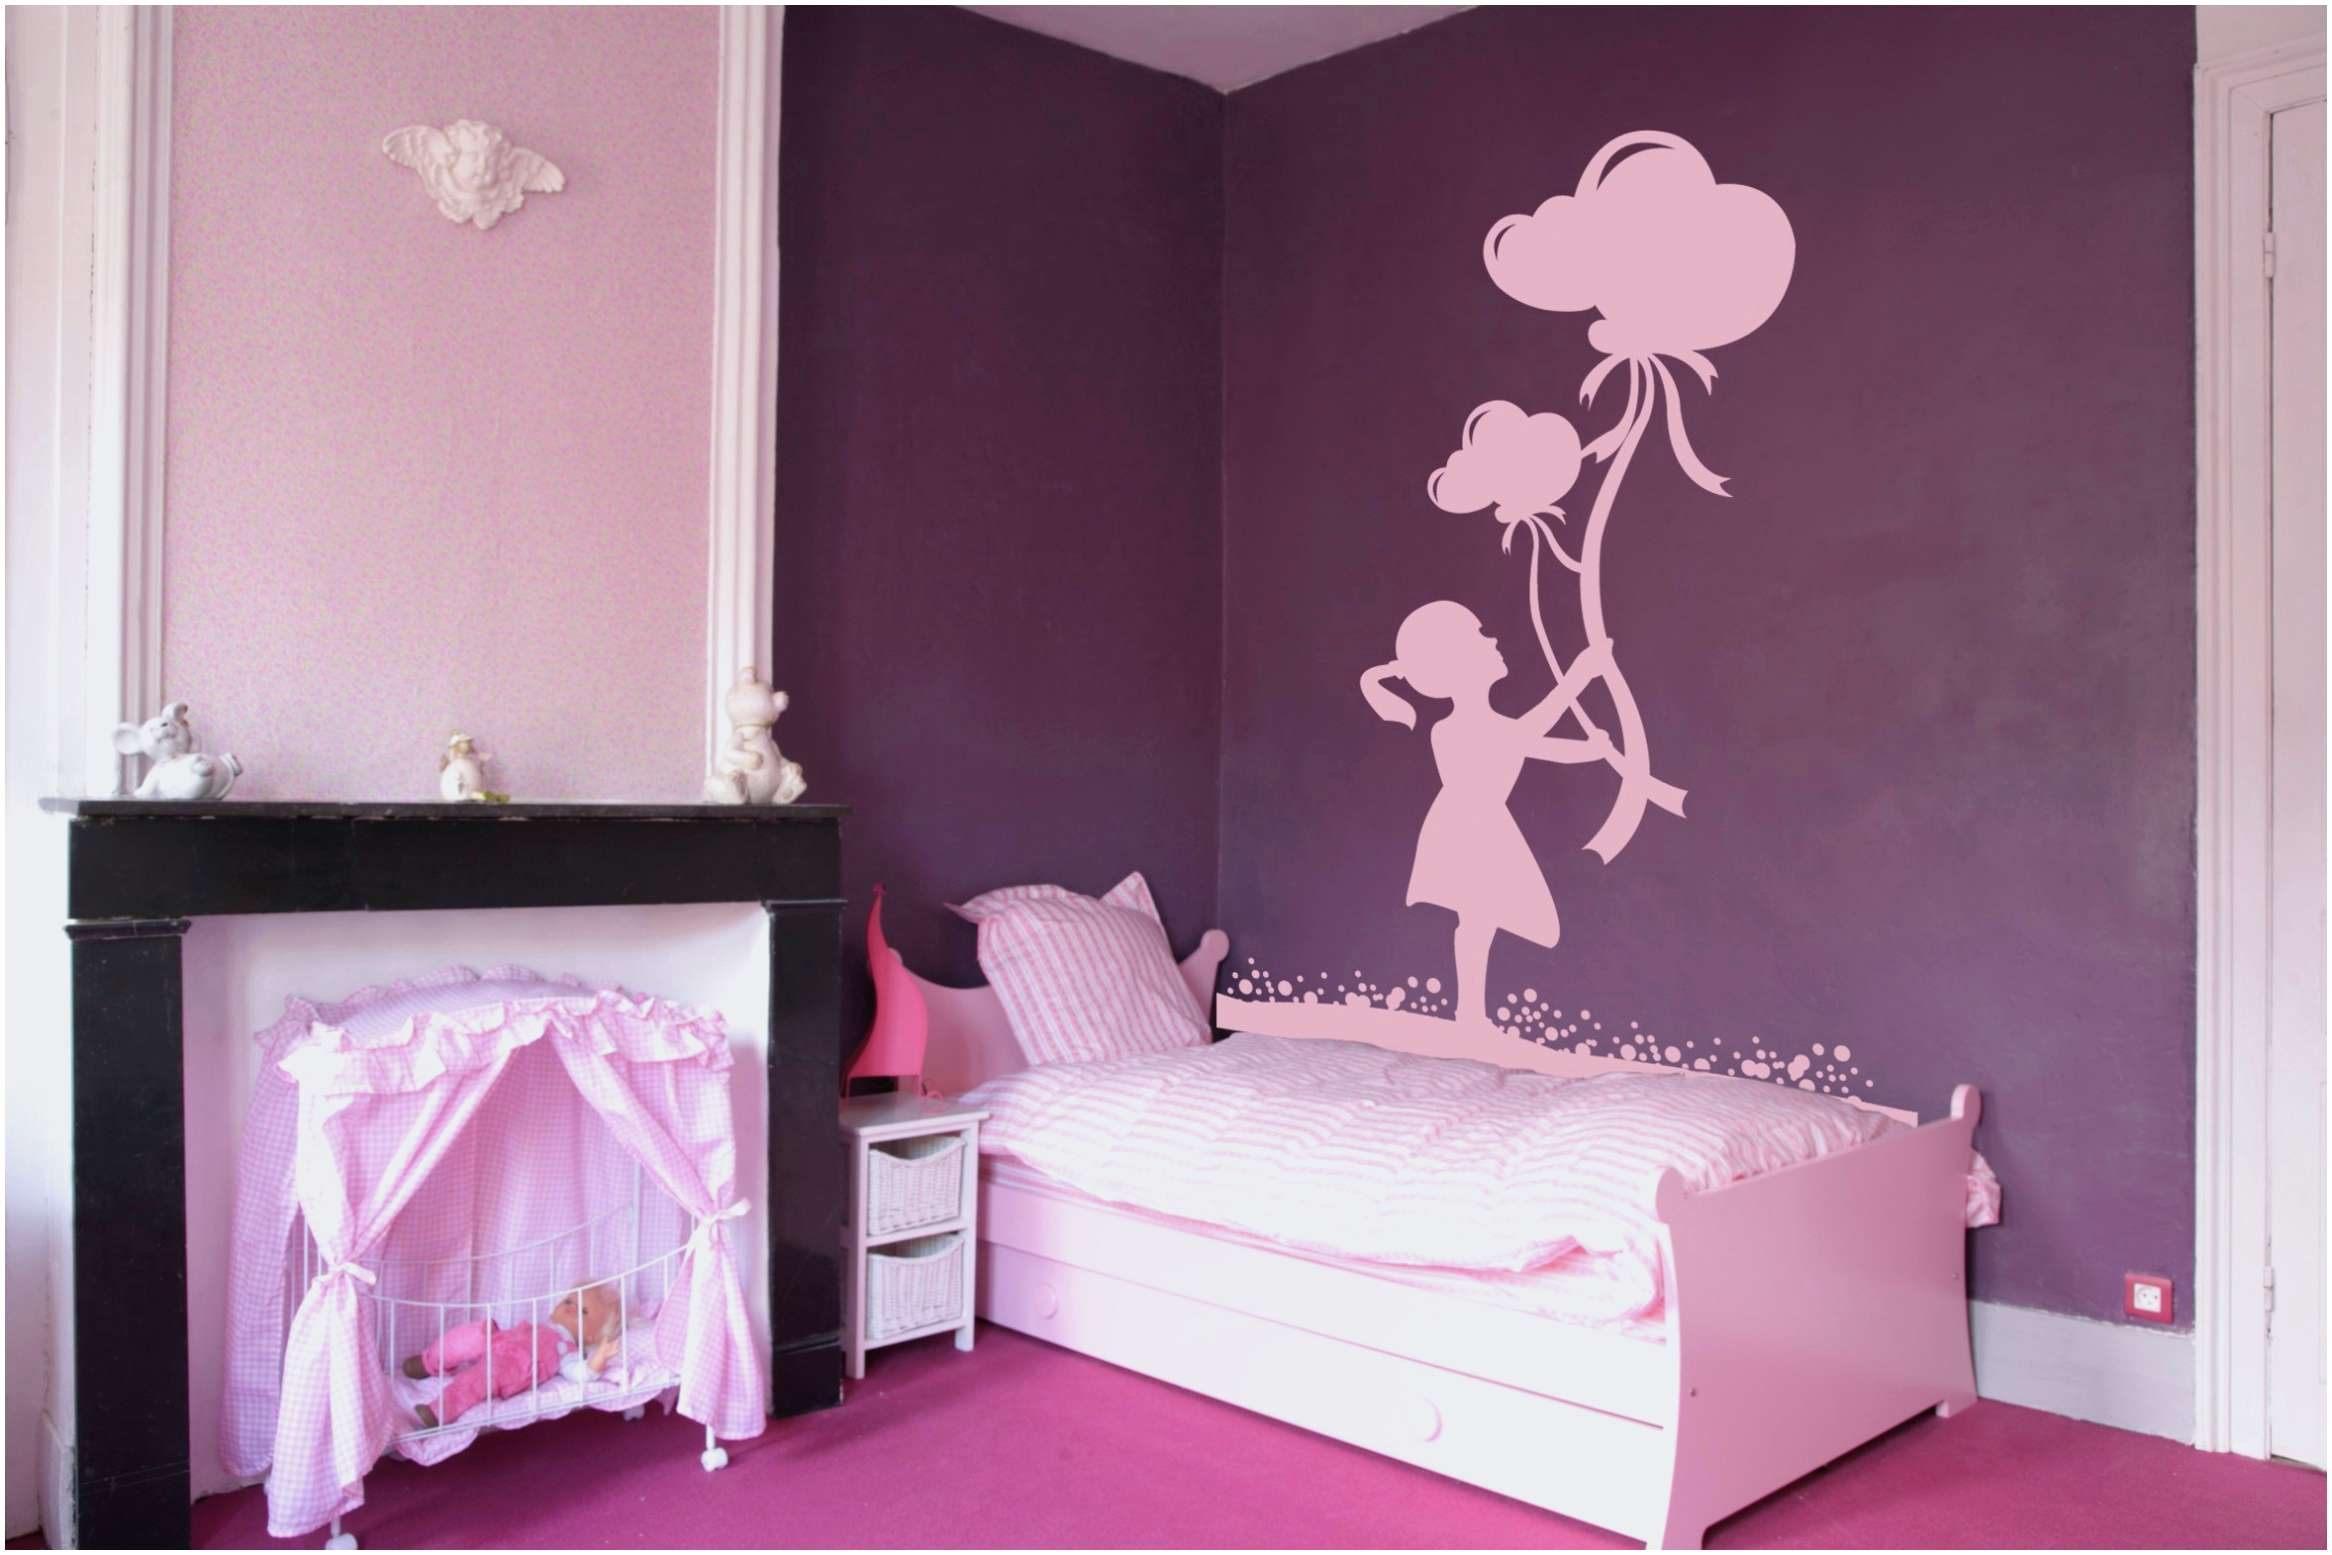 Moustiquaire Lit Bébé Inspiré Unique Chambre Bébé Fille Gris Et Rose Beau Parc B C3 A9b C3 A9 Gris